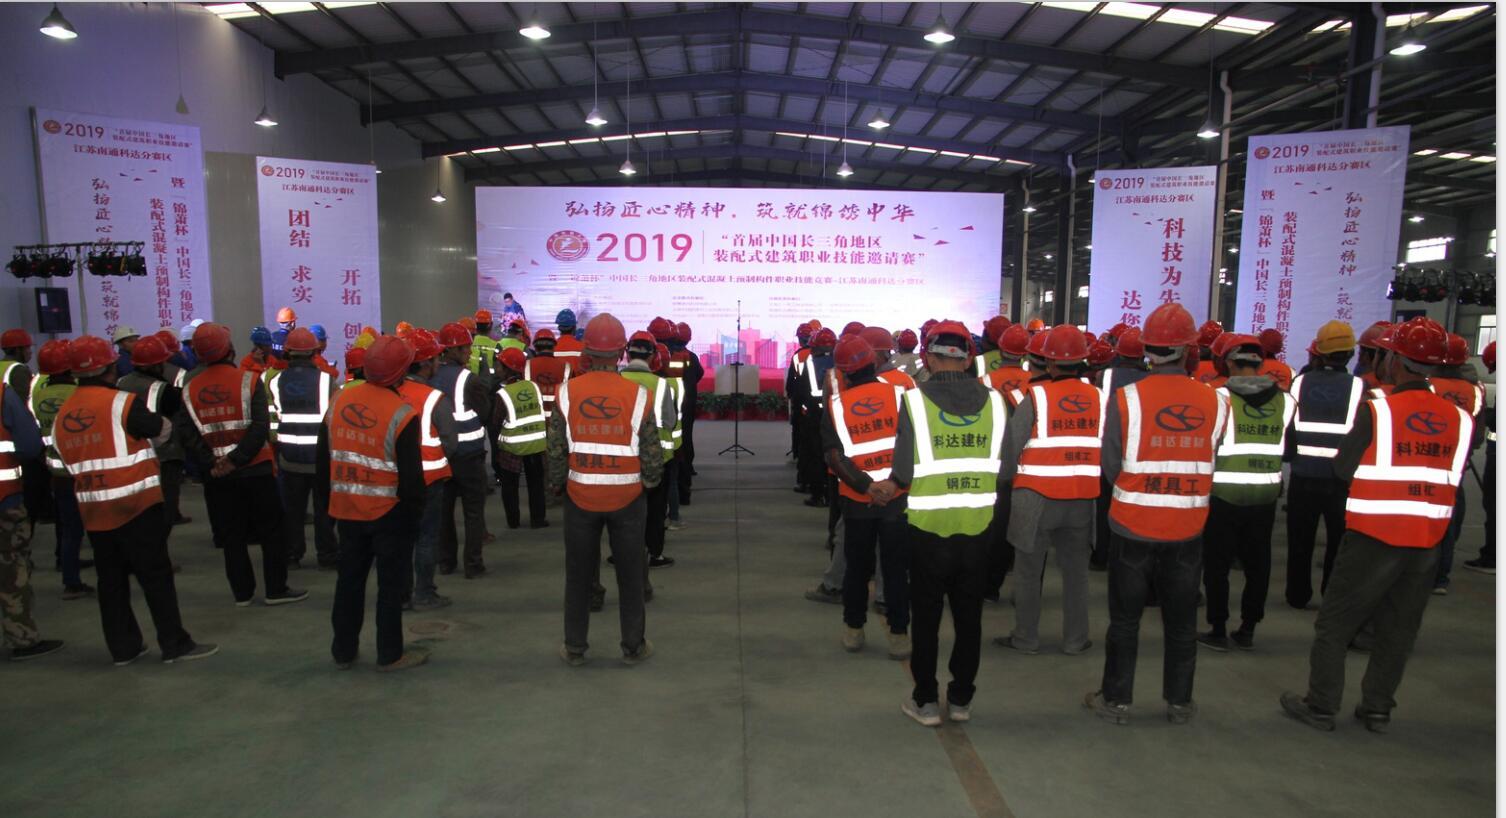 首届中国长三角地区装配式职业技能邀请赛暨混凝土预制构件职业技能竞赛在南通科达建材顺利举行